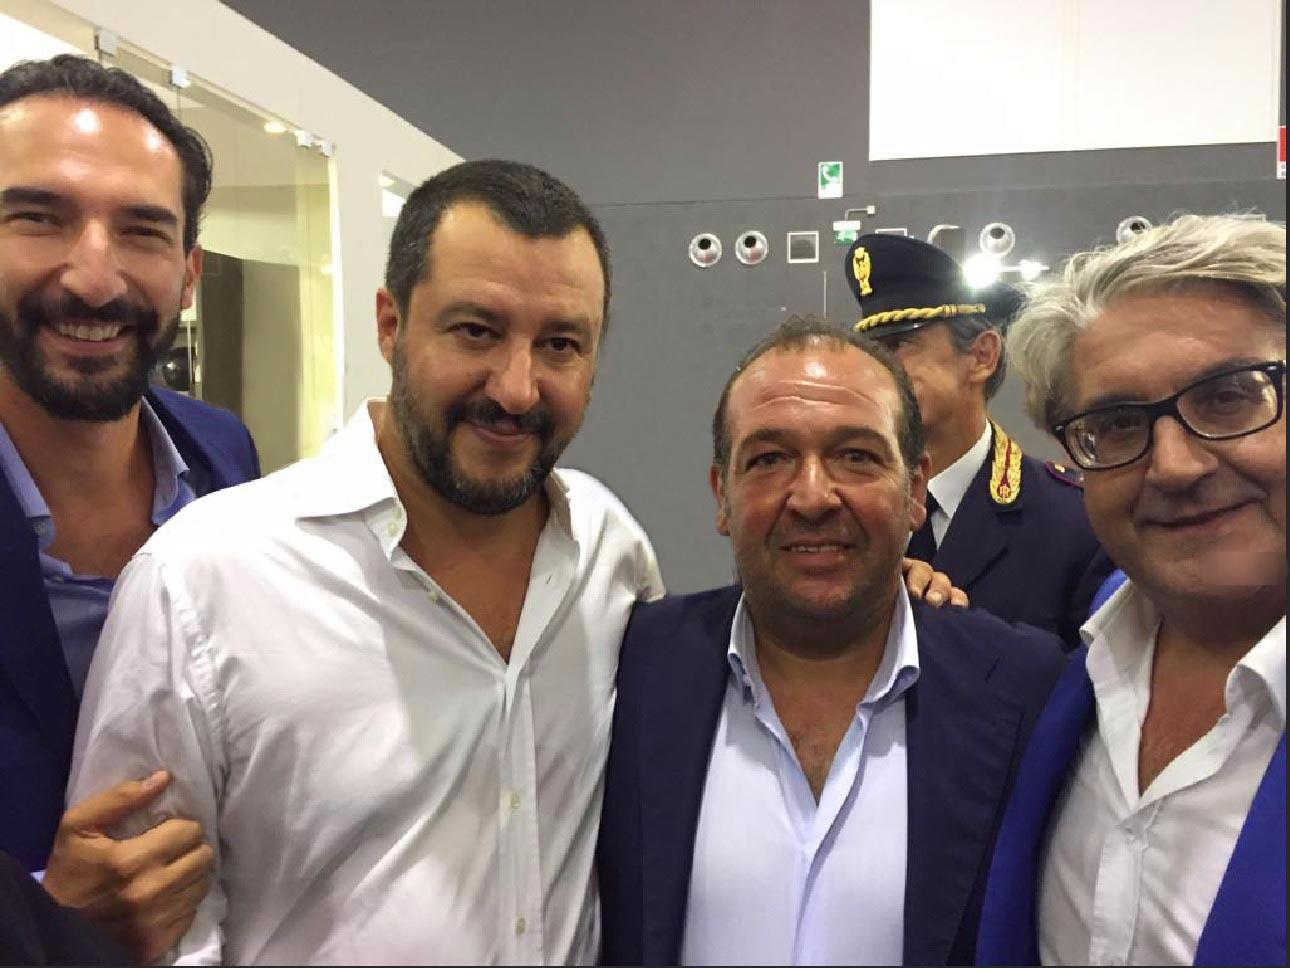 Cimitero: il Gruppo Lega-Salvini torna all'attacco